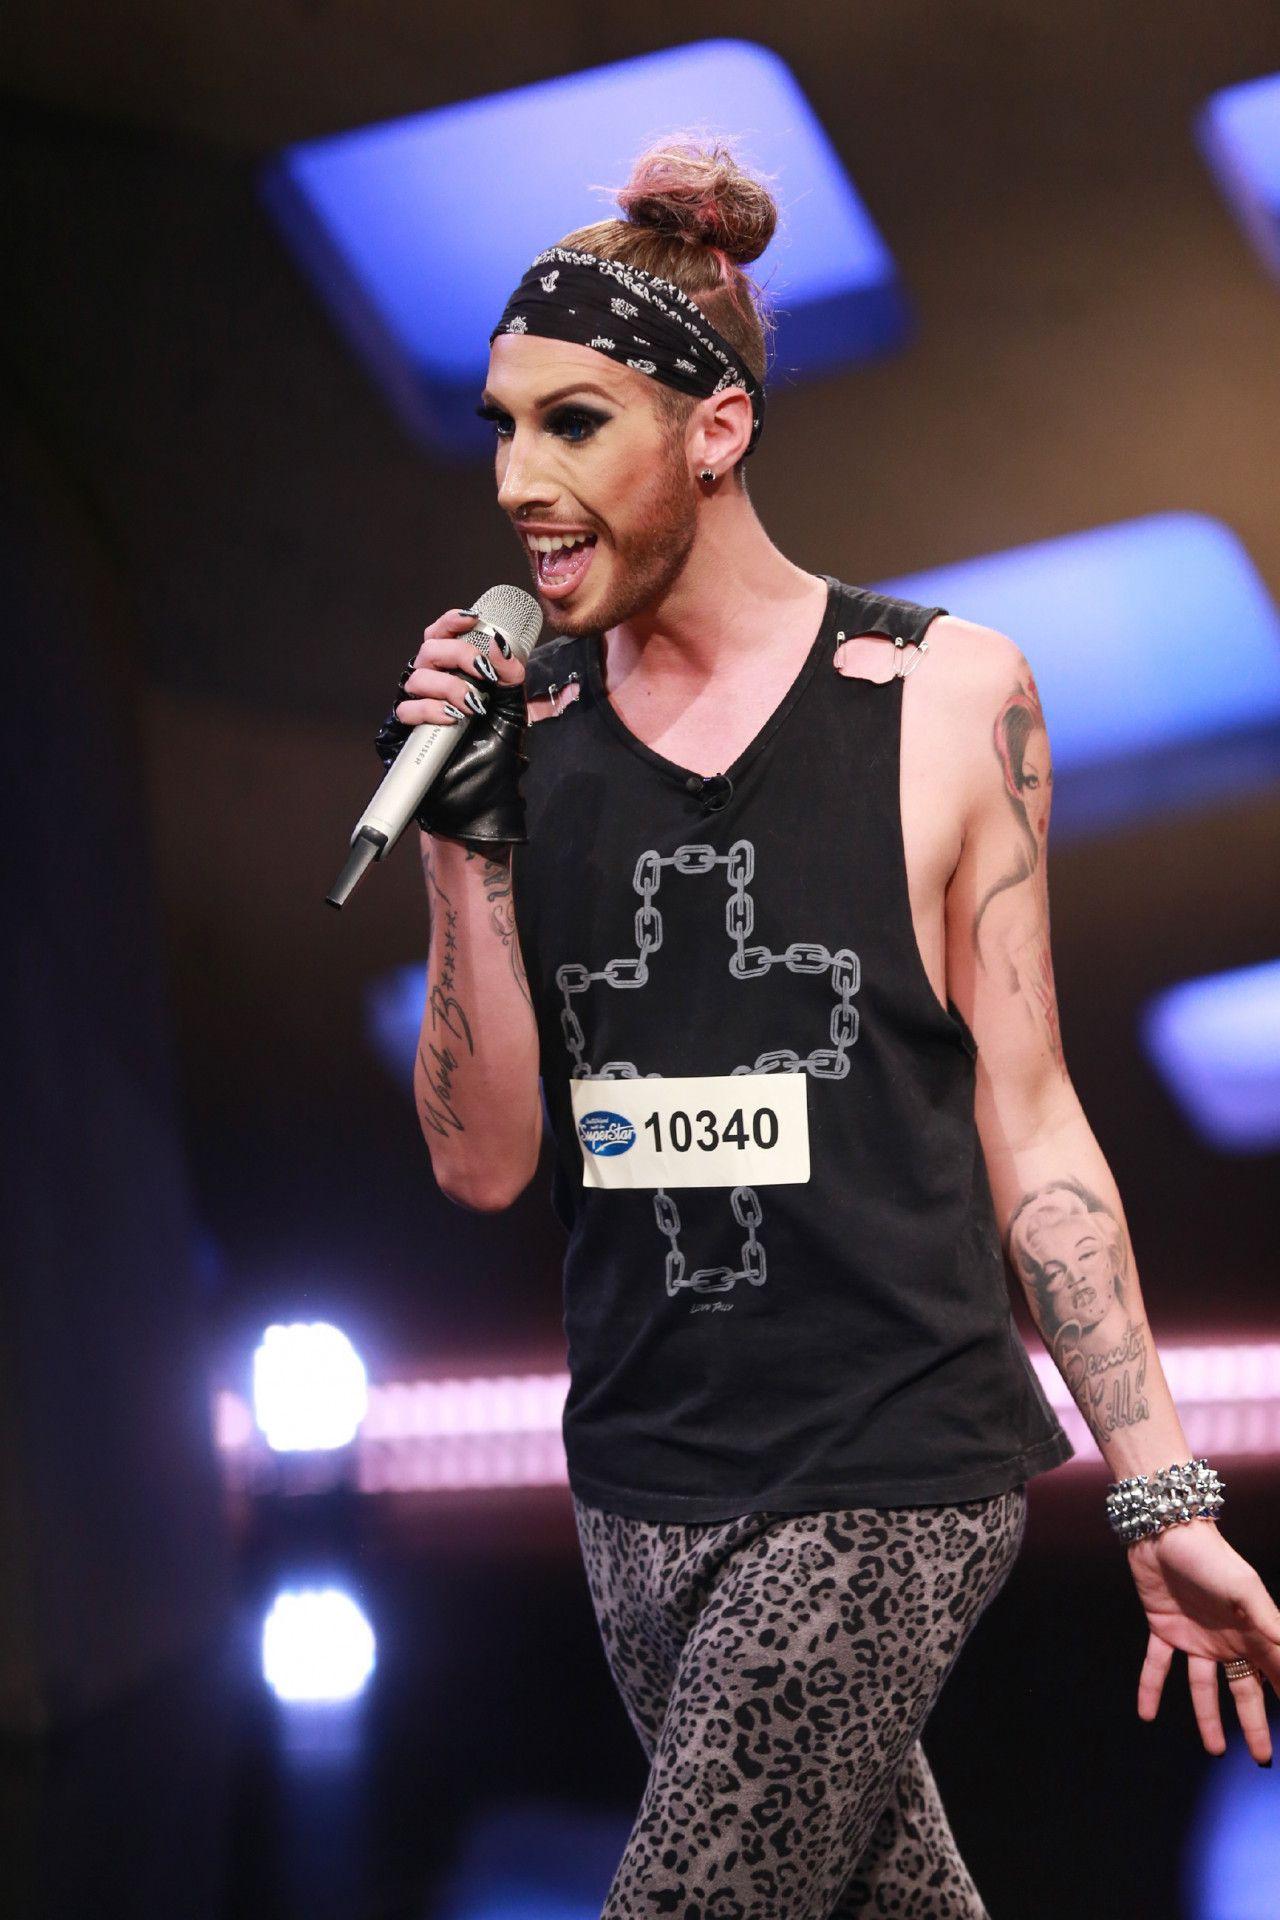 """Bei """"Deutschland sucht den Superstar"""" möchte er die Jury mit """"Tainted Love"""" von Marilyn Manson überzeugen."""